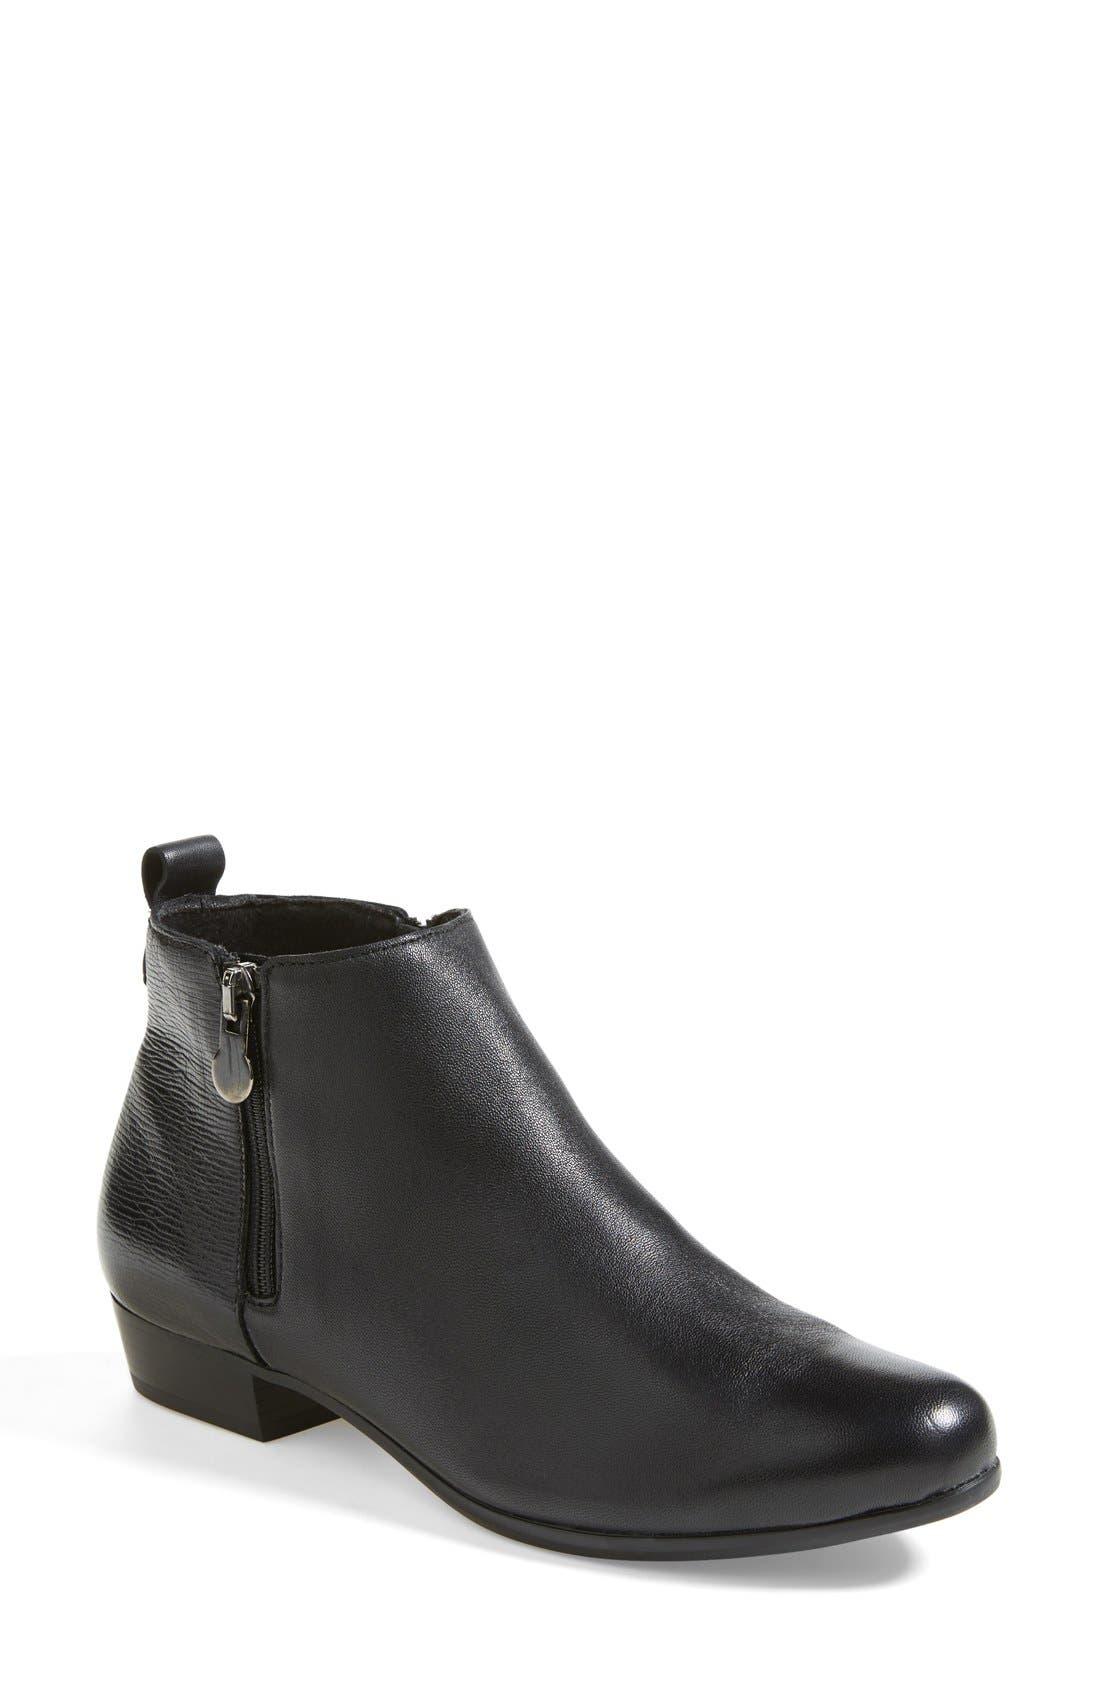 MUNRO 'Lexi' Boot